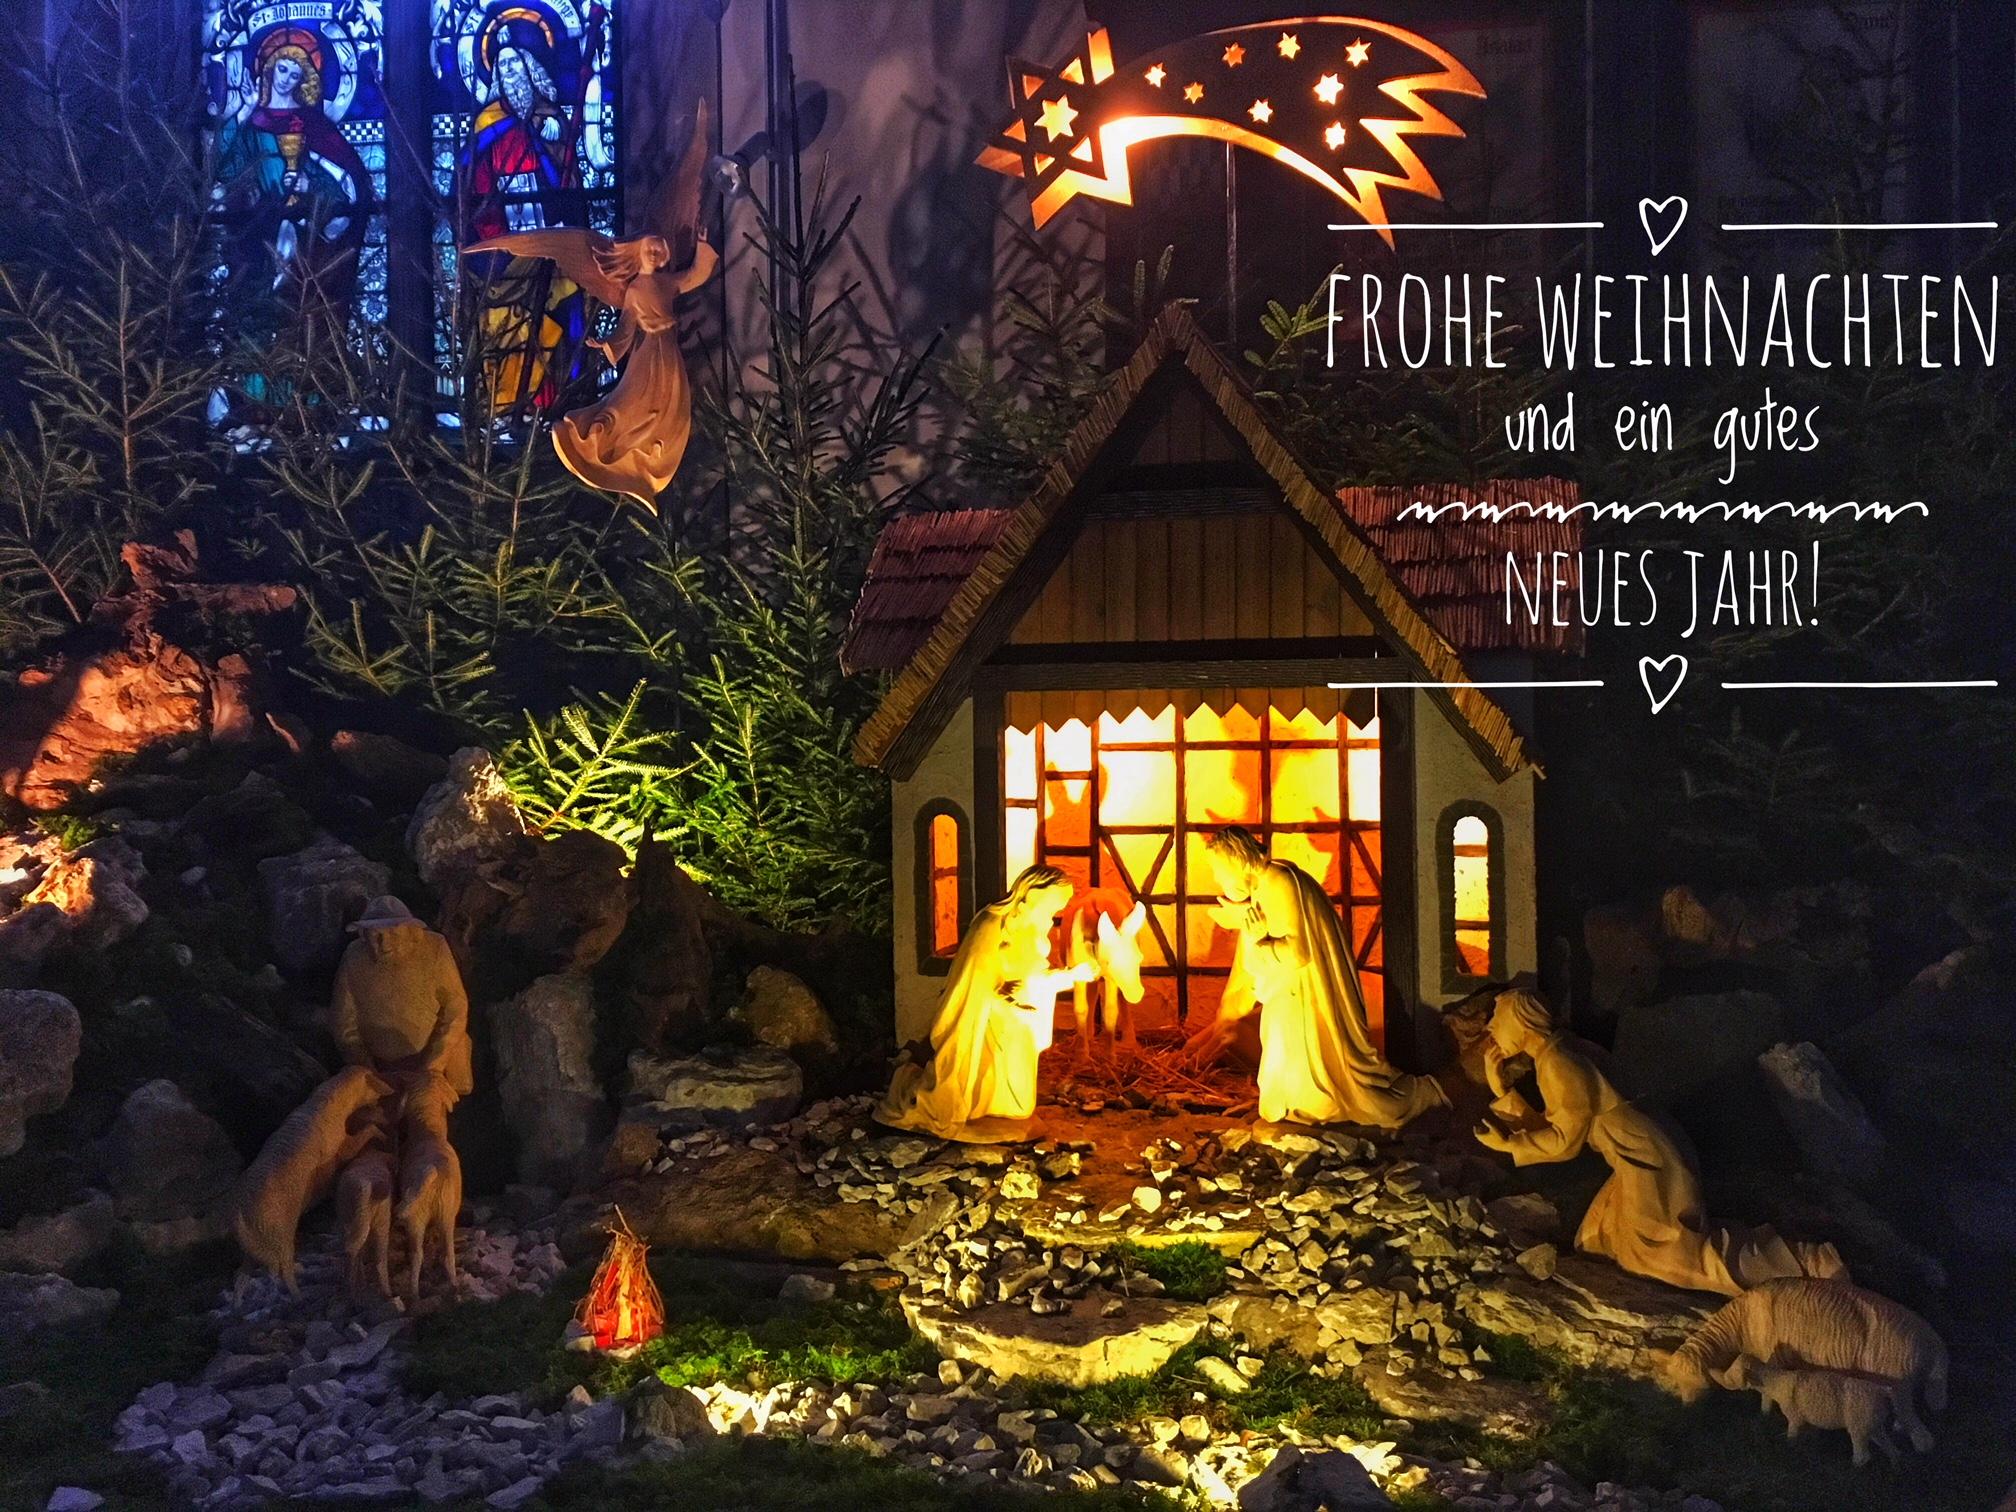 Frohe Weihnachten-2017